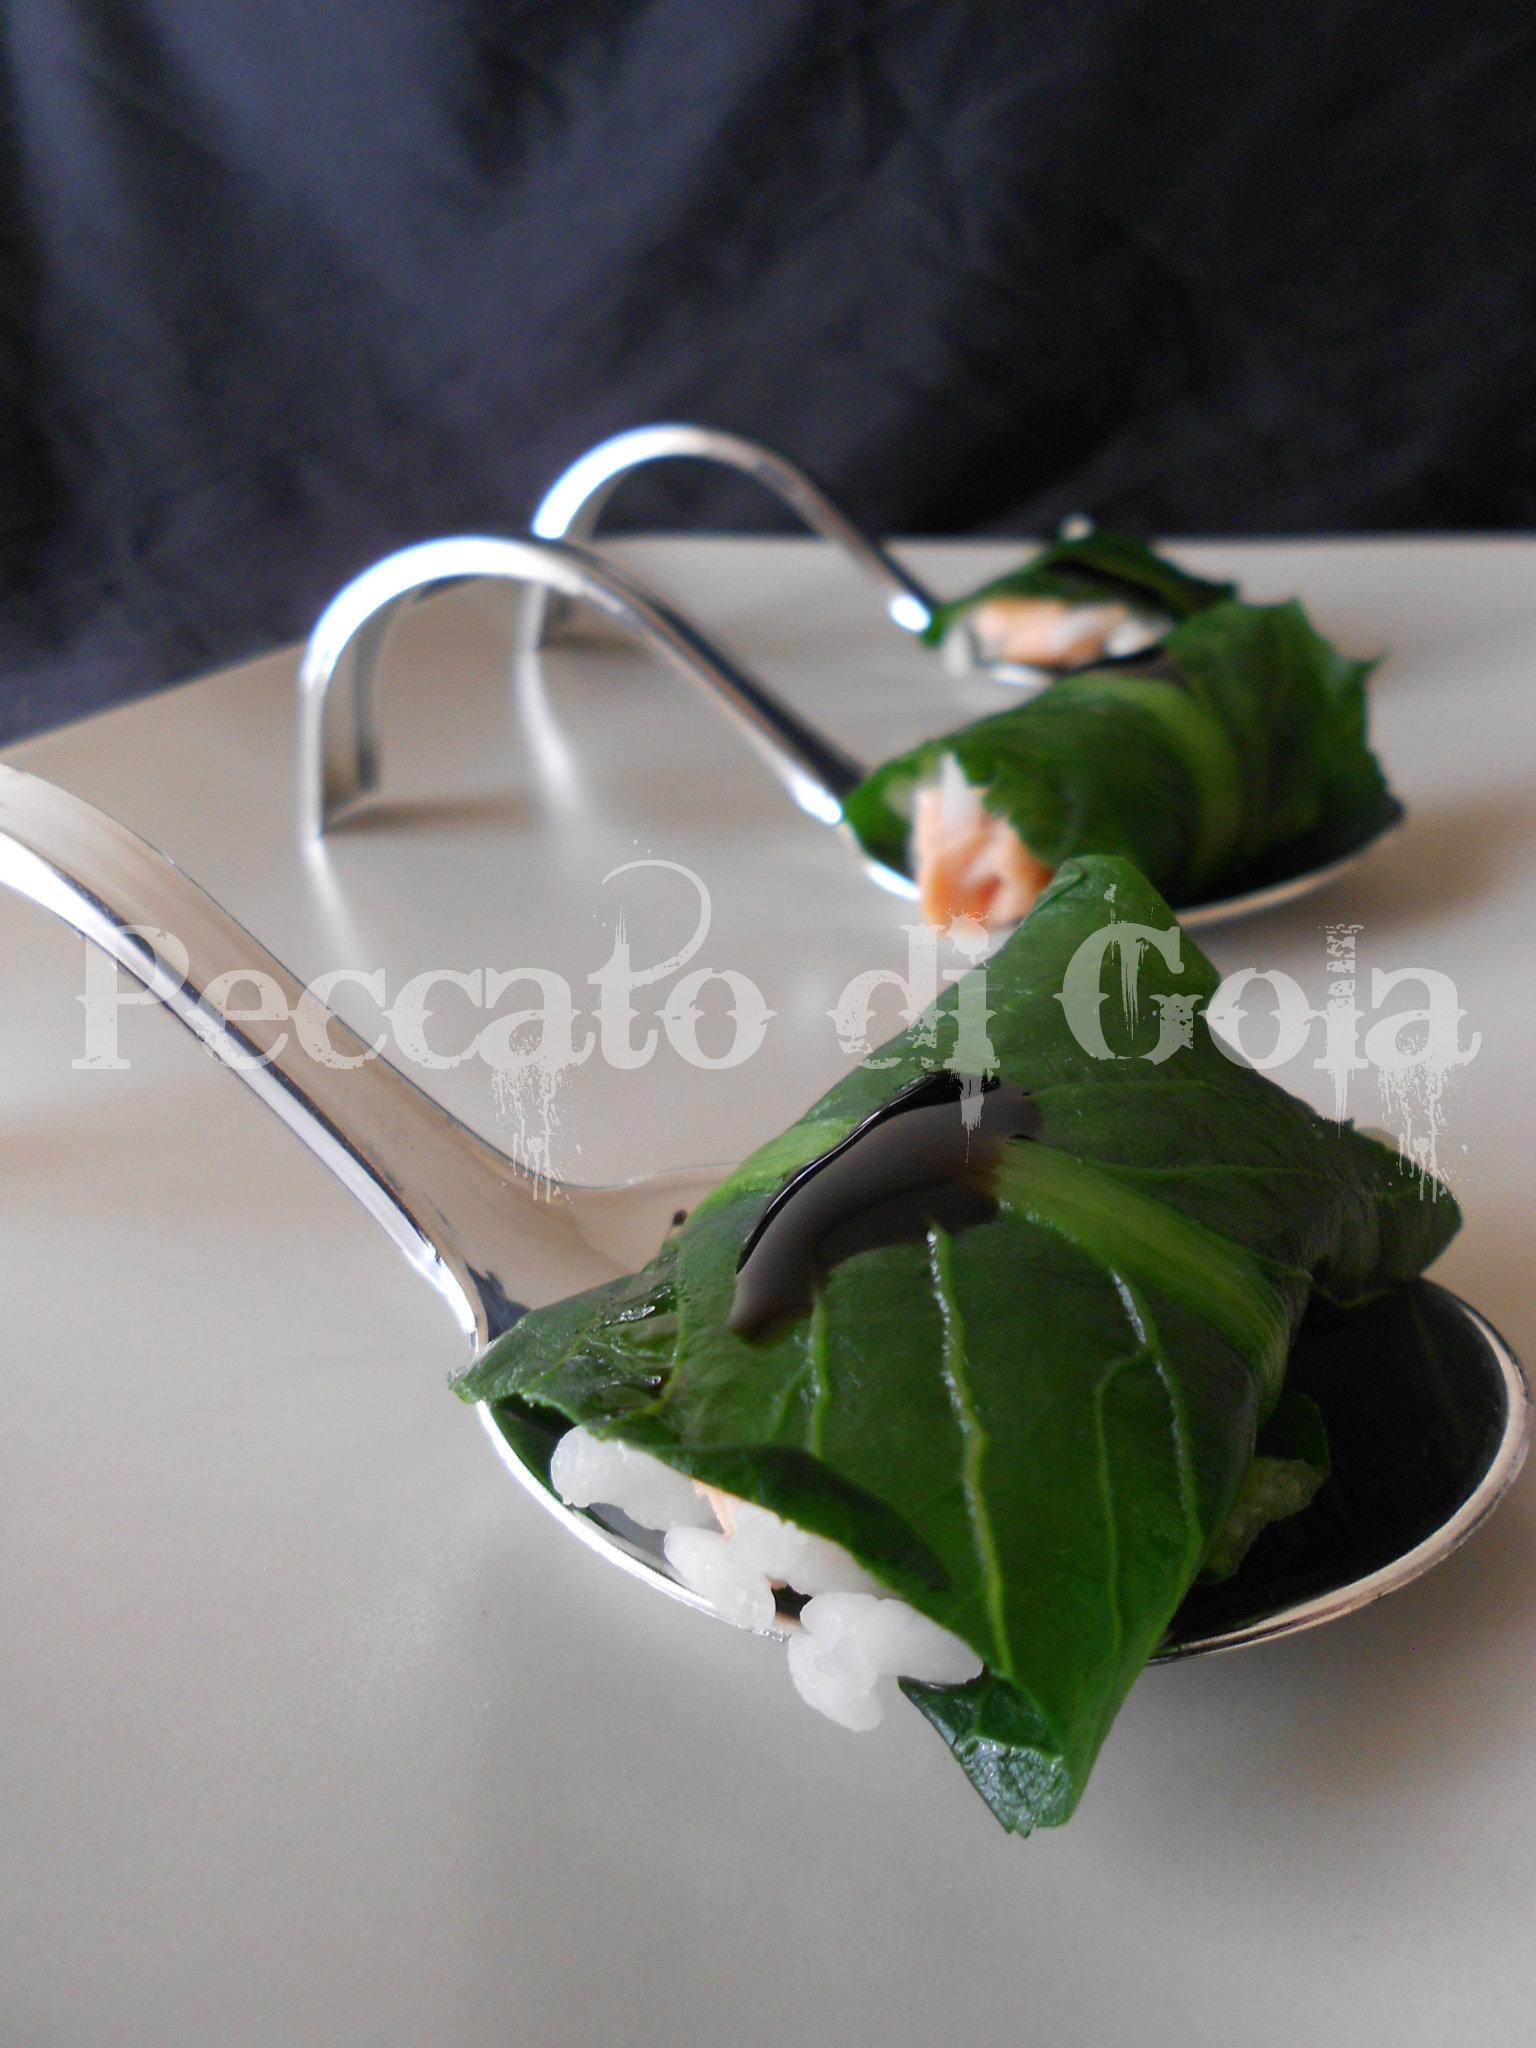 7) il finto sushi con catalogna pronto6) il finto sushi con catalogna pronto